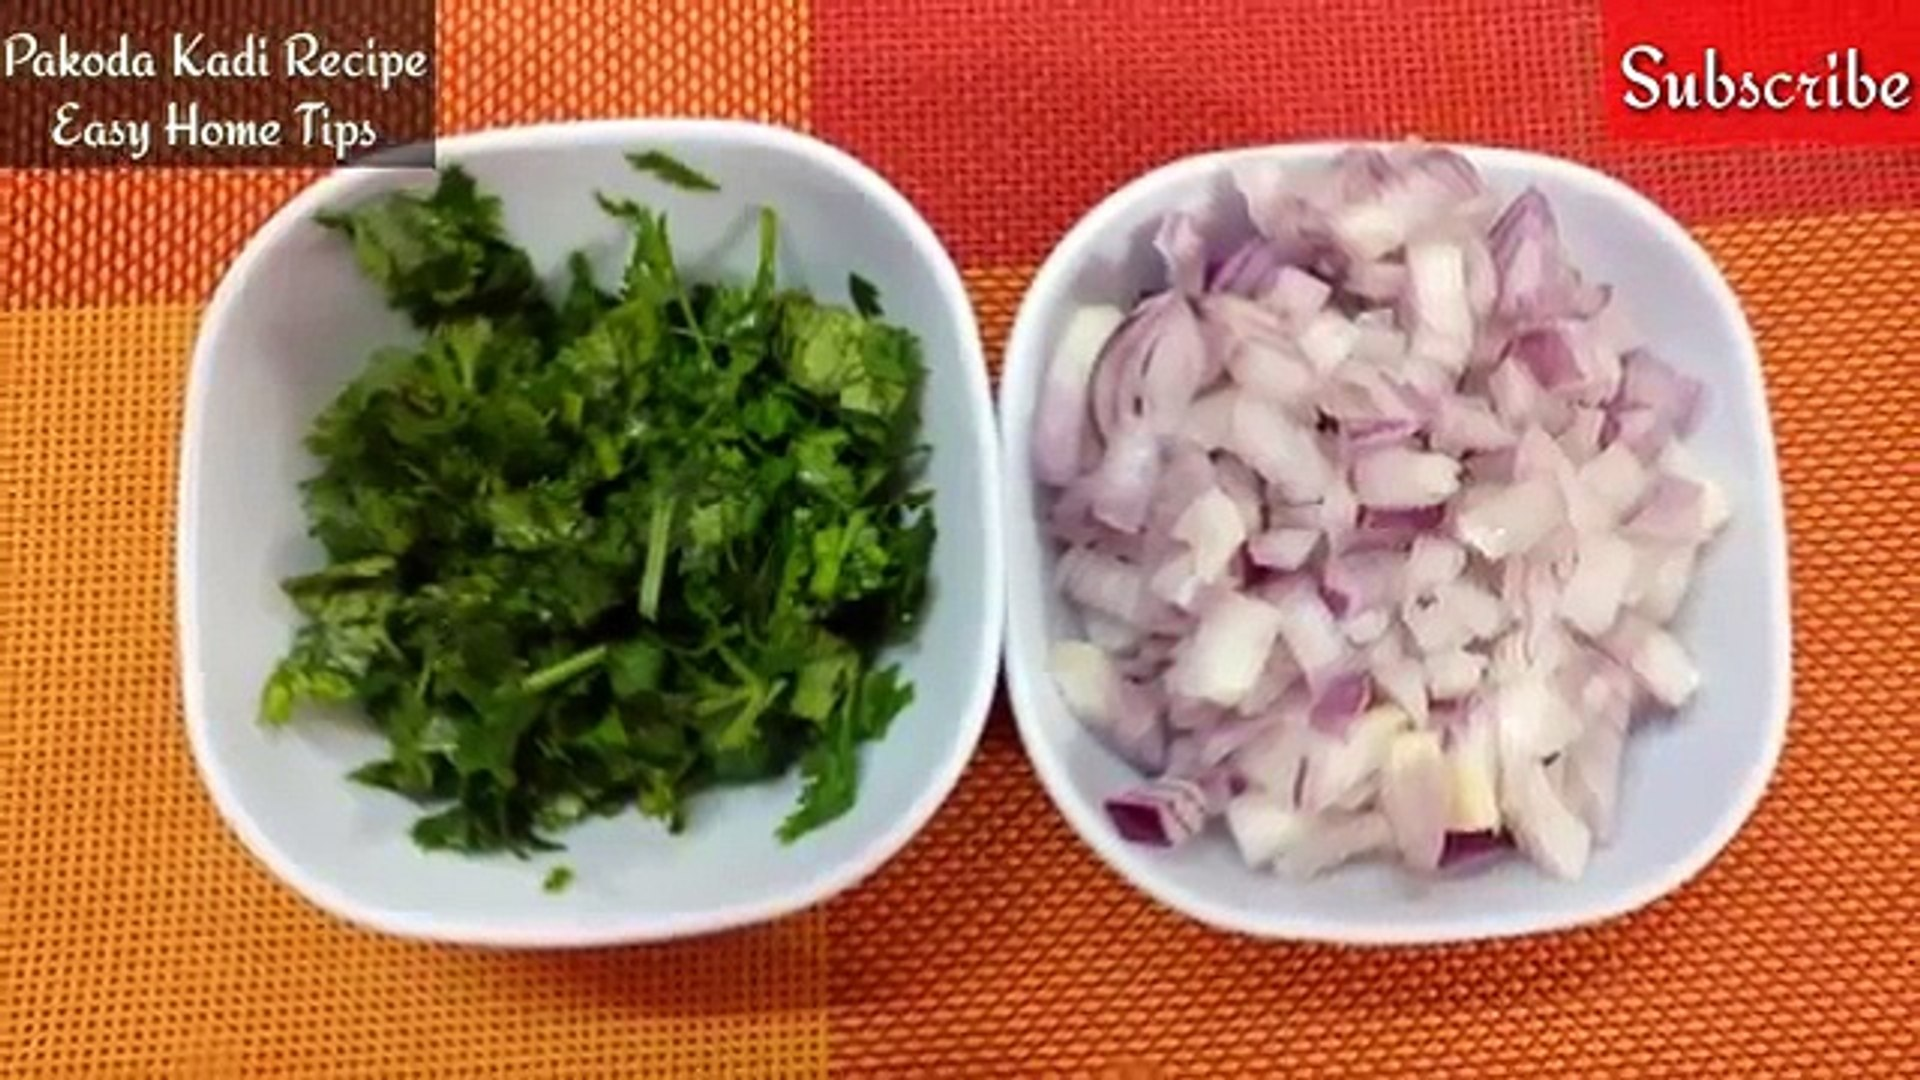 स्पेशल पकोड़ा कढ़ी | Pakoda Kadhi Recipe | Kadhi Pakoda Recipe In Hindi | Kadi Recipe | Indian Recipes